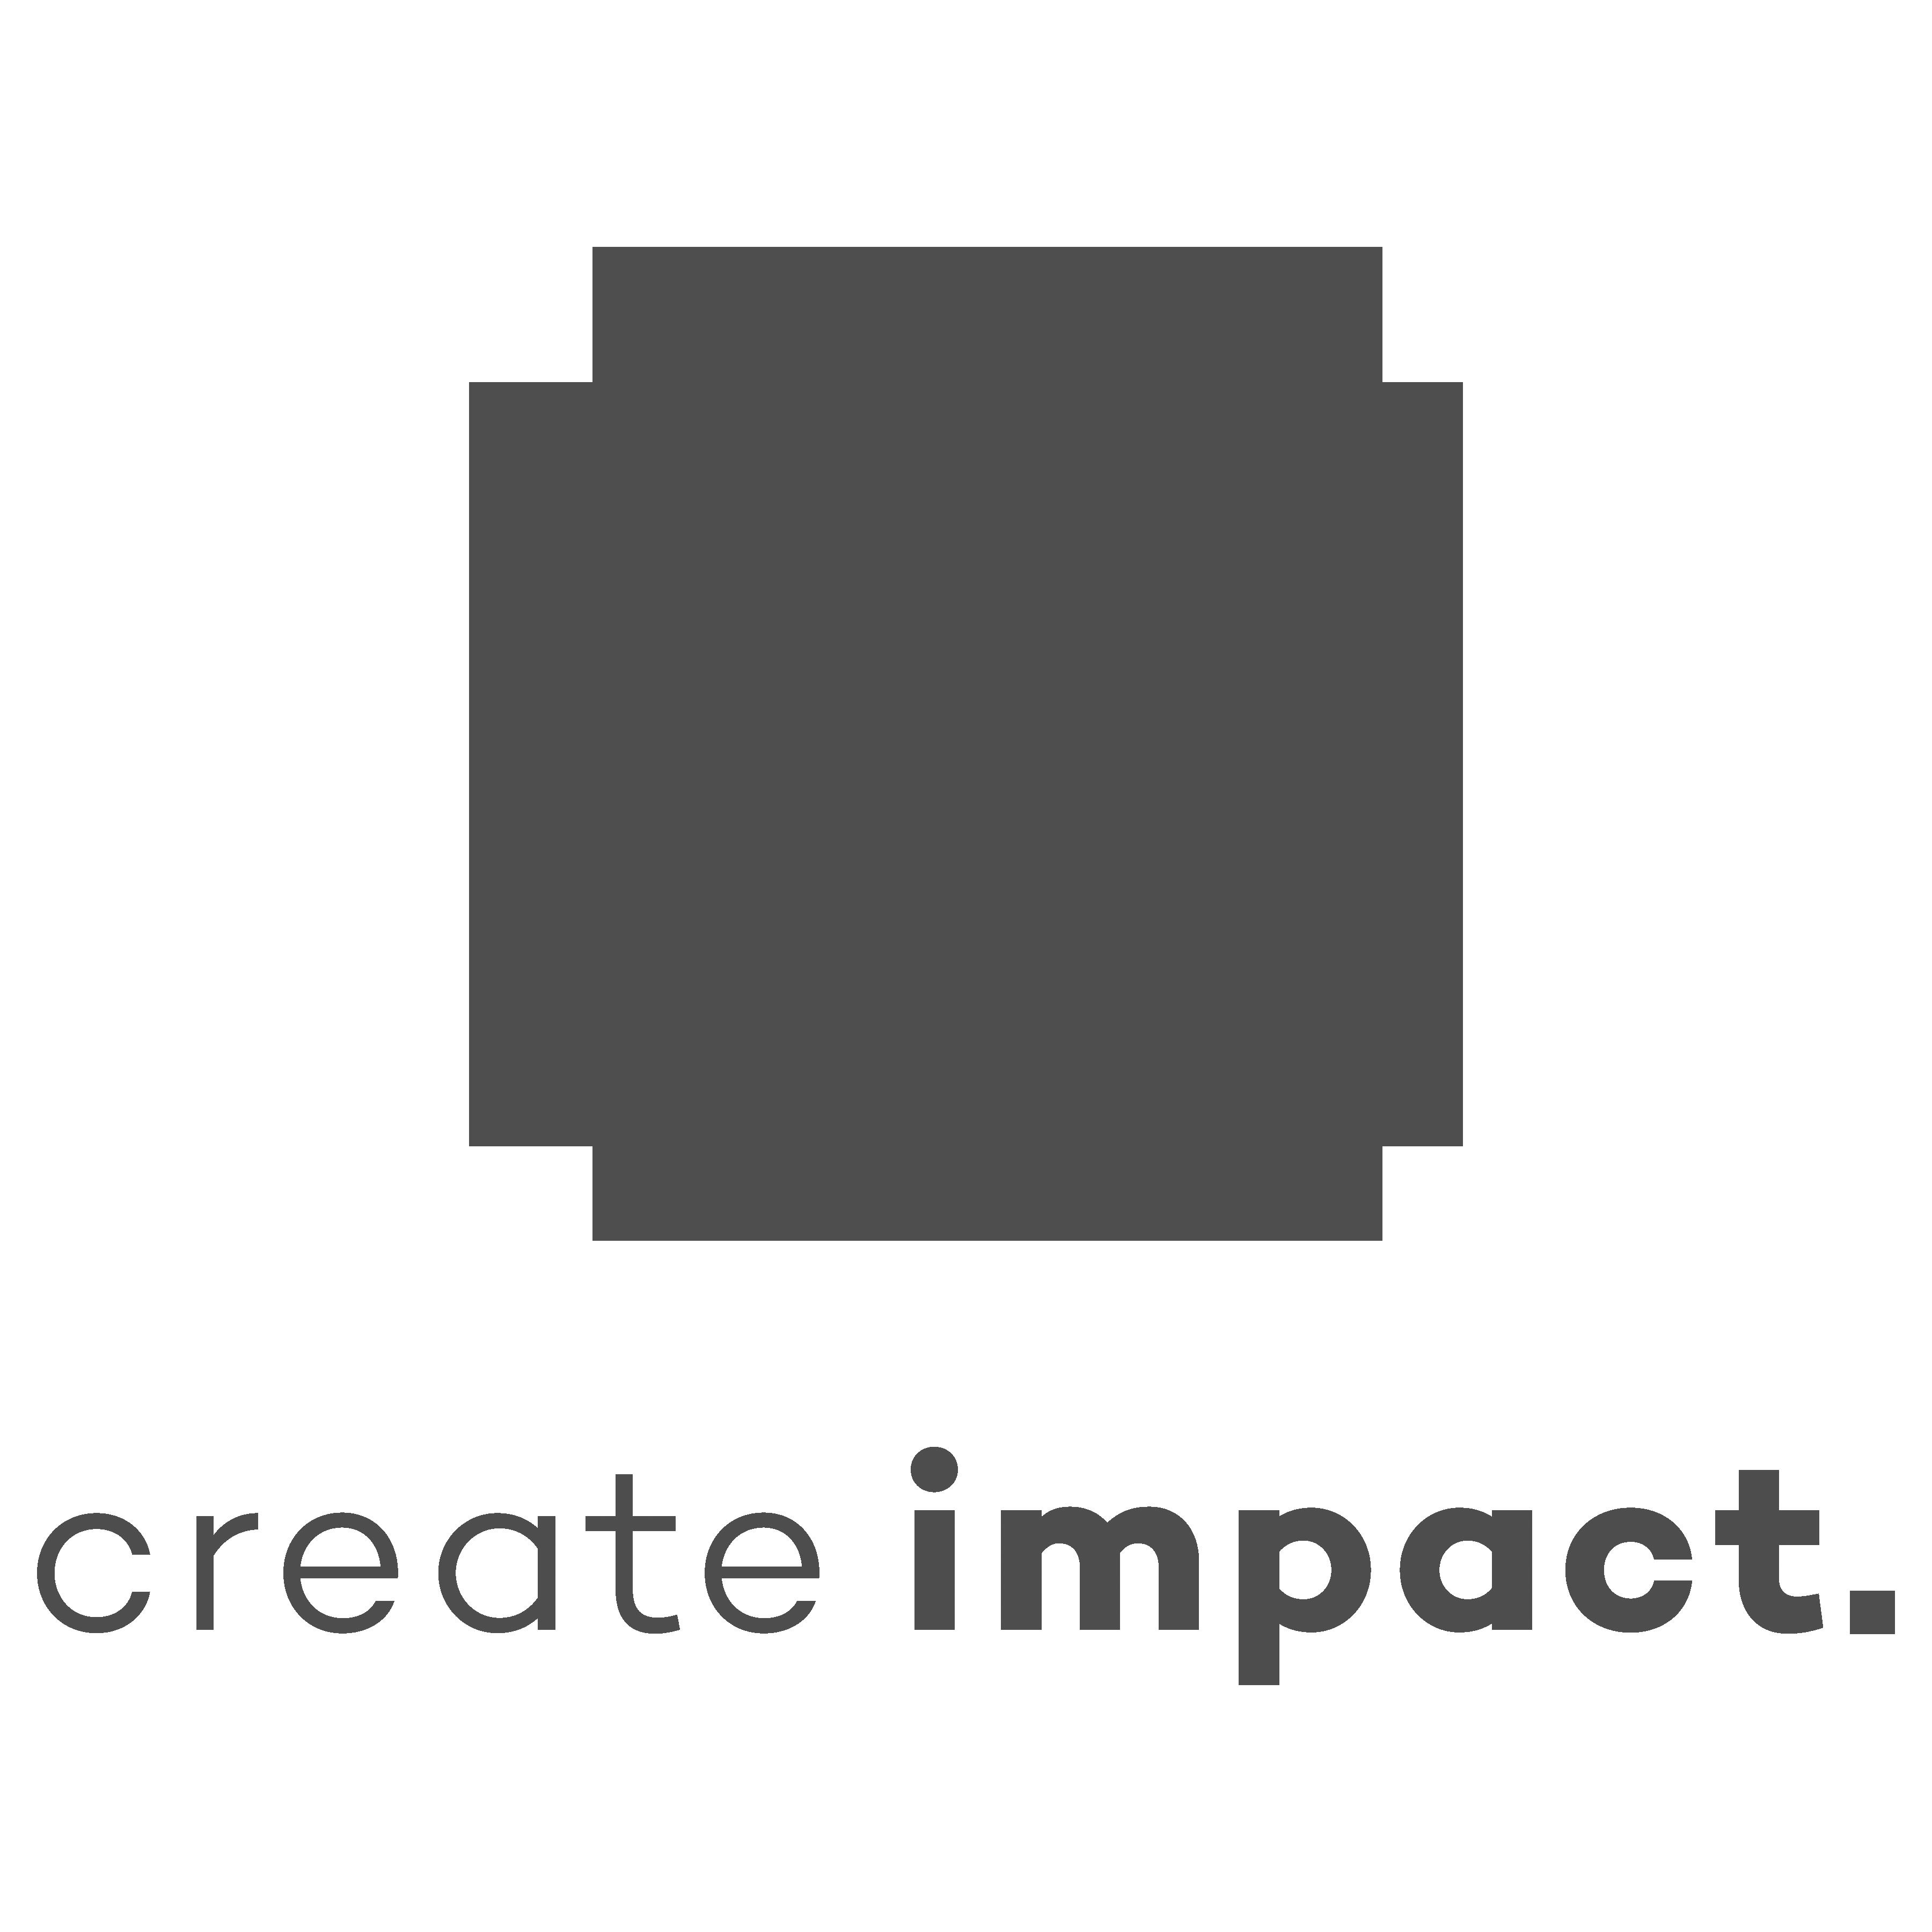 A&E Architects